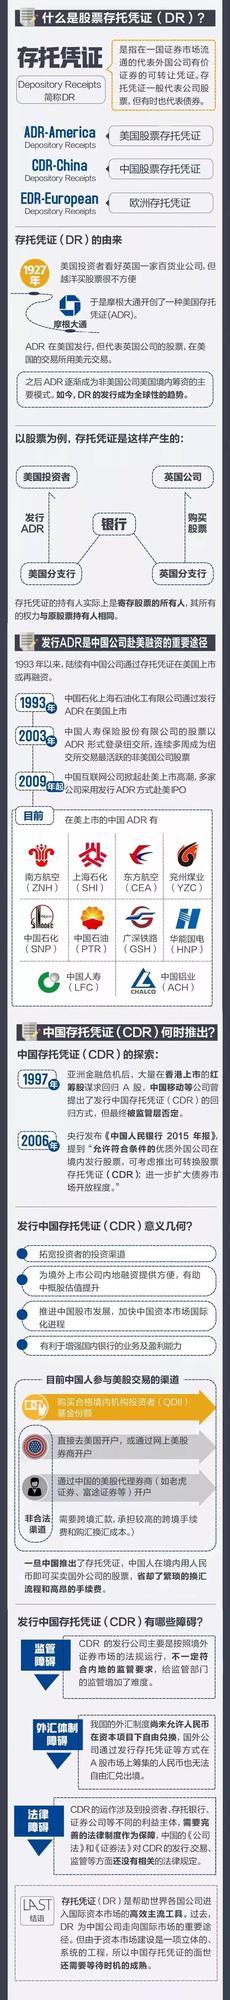 刷爆朋友圈的CDR到底是什么东东